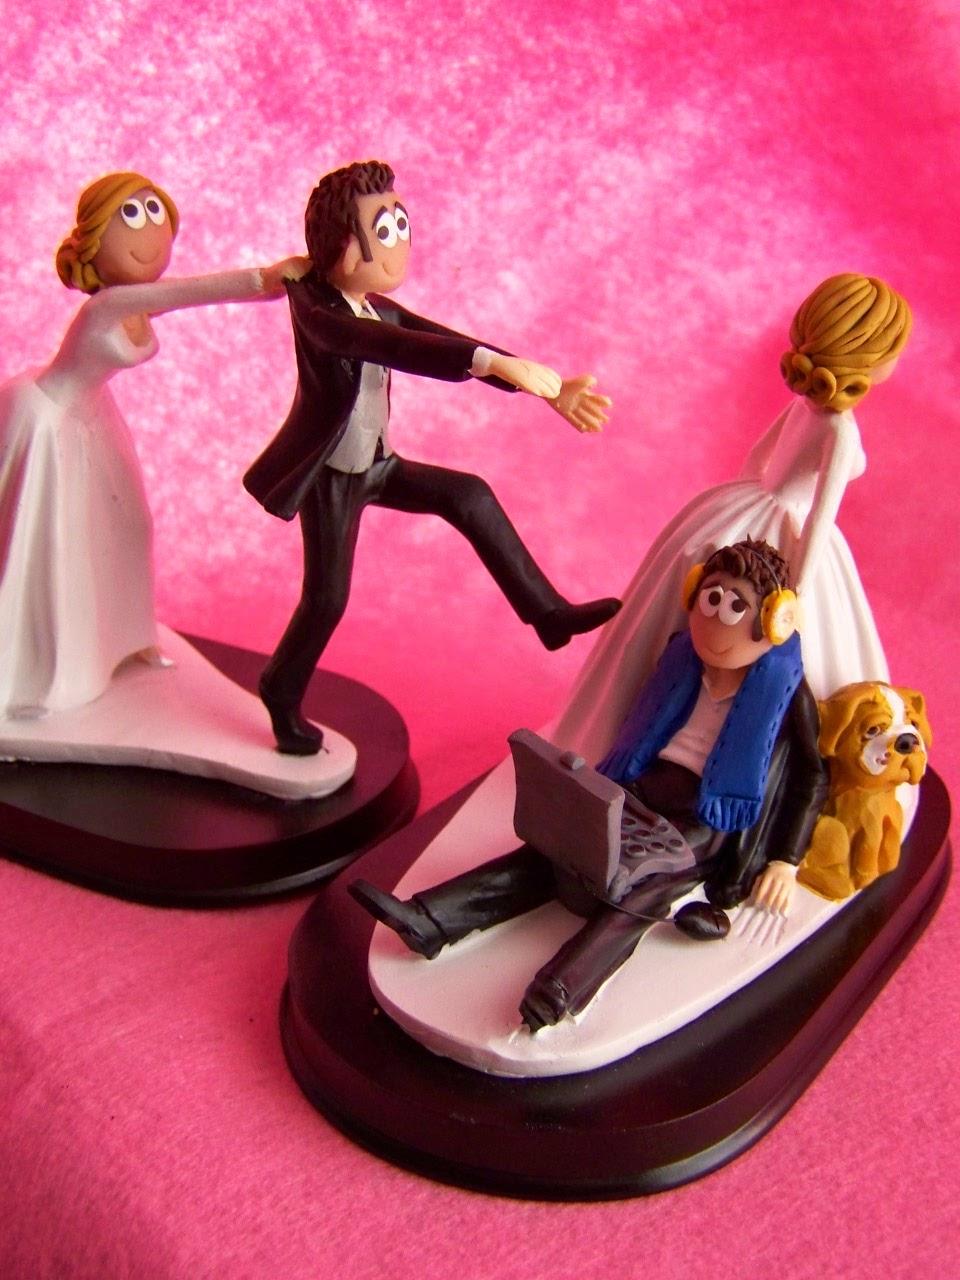 Muñecos y Figuras Personalizadas para Tartas de Bodas, Comuniones y ...